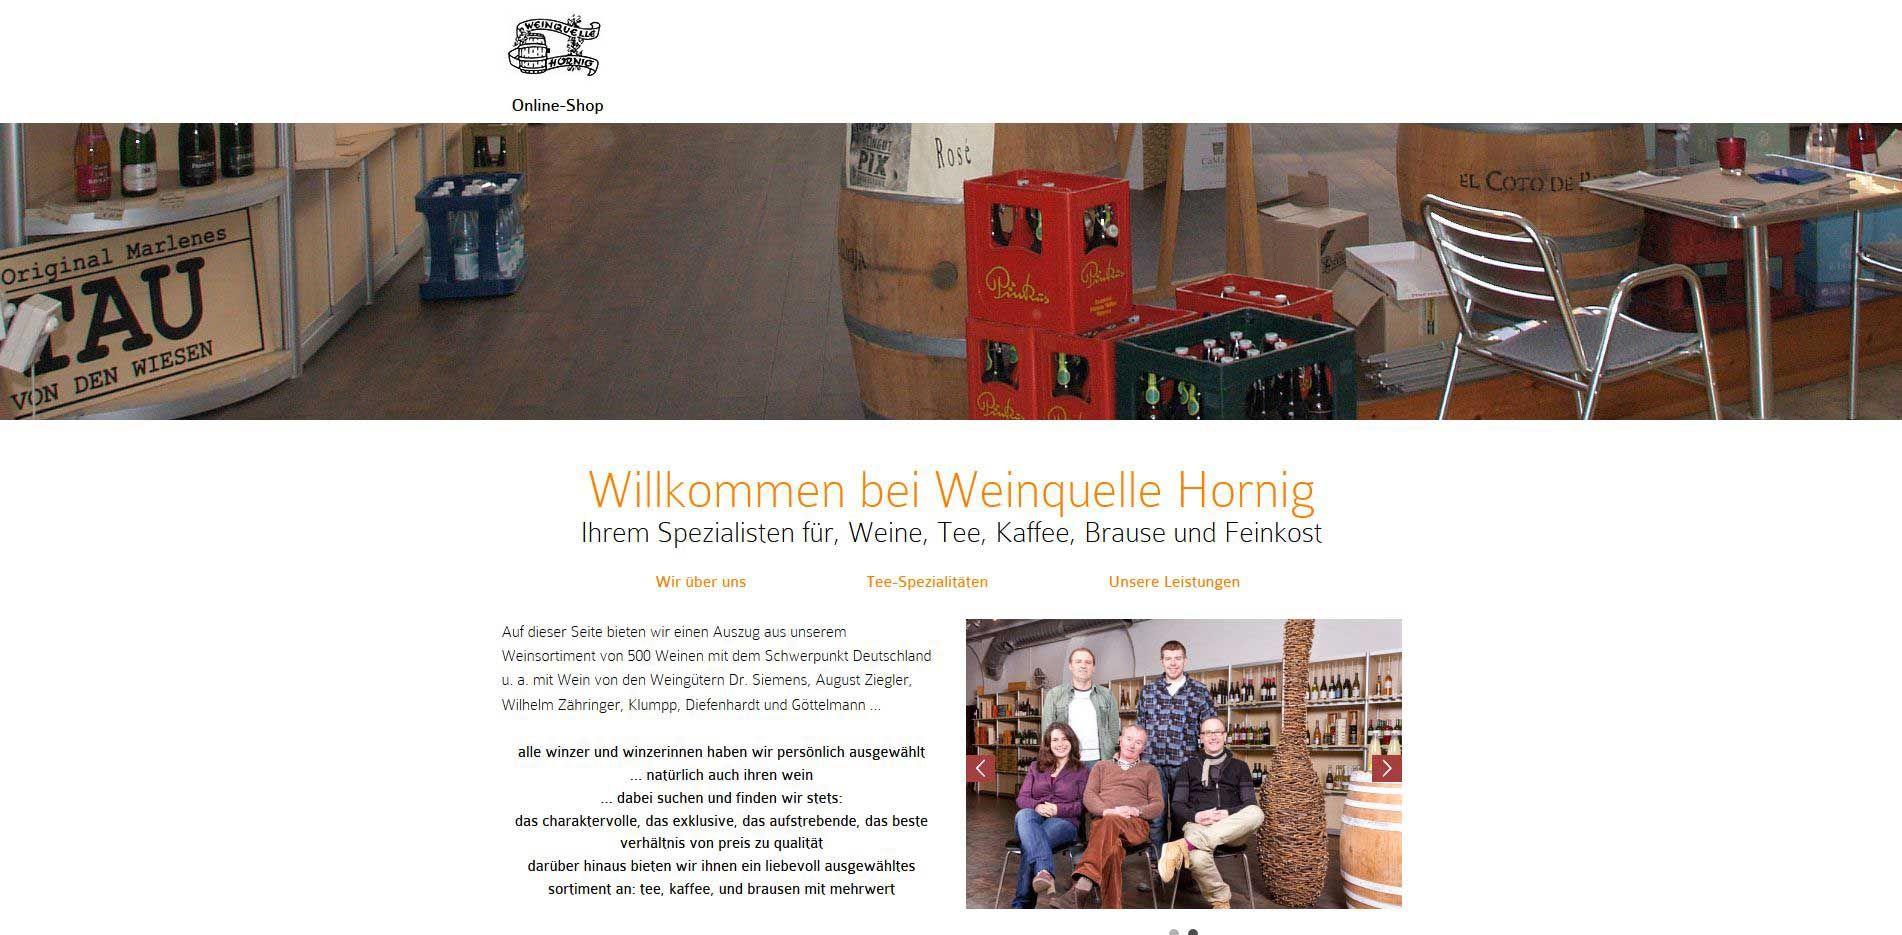 Marvelous Weinfachgesch ft Hornig Wuppertal